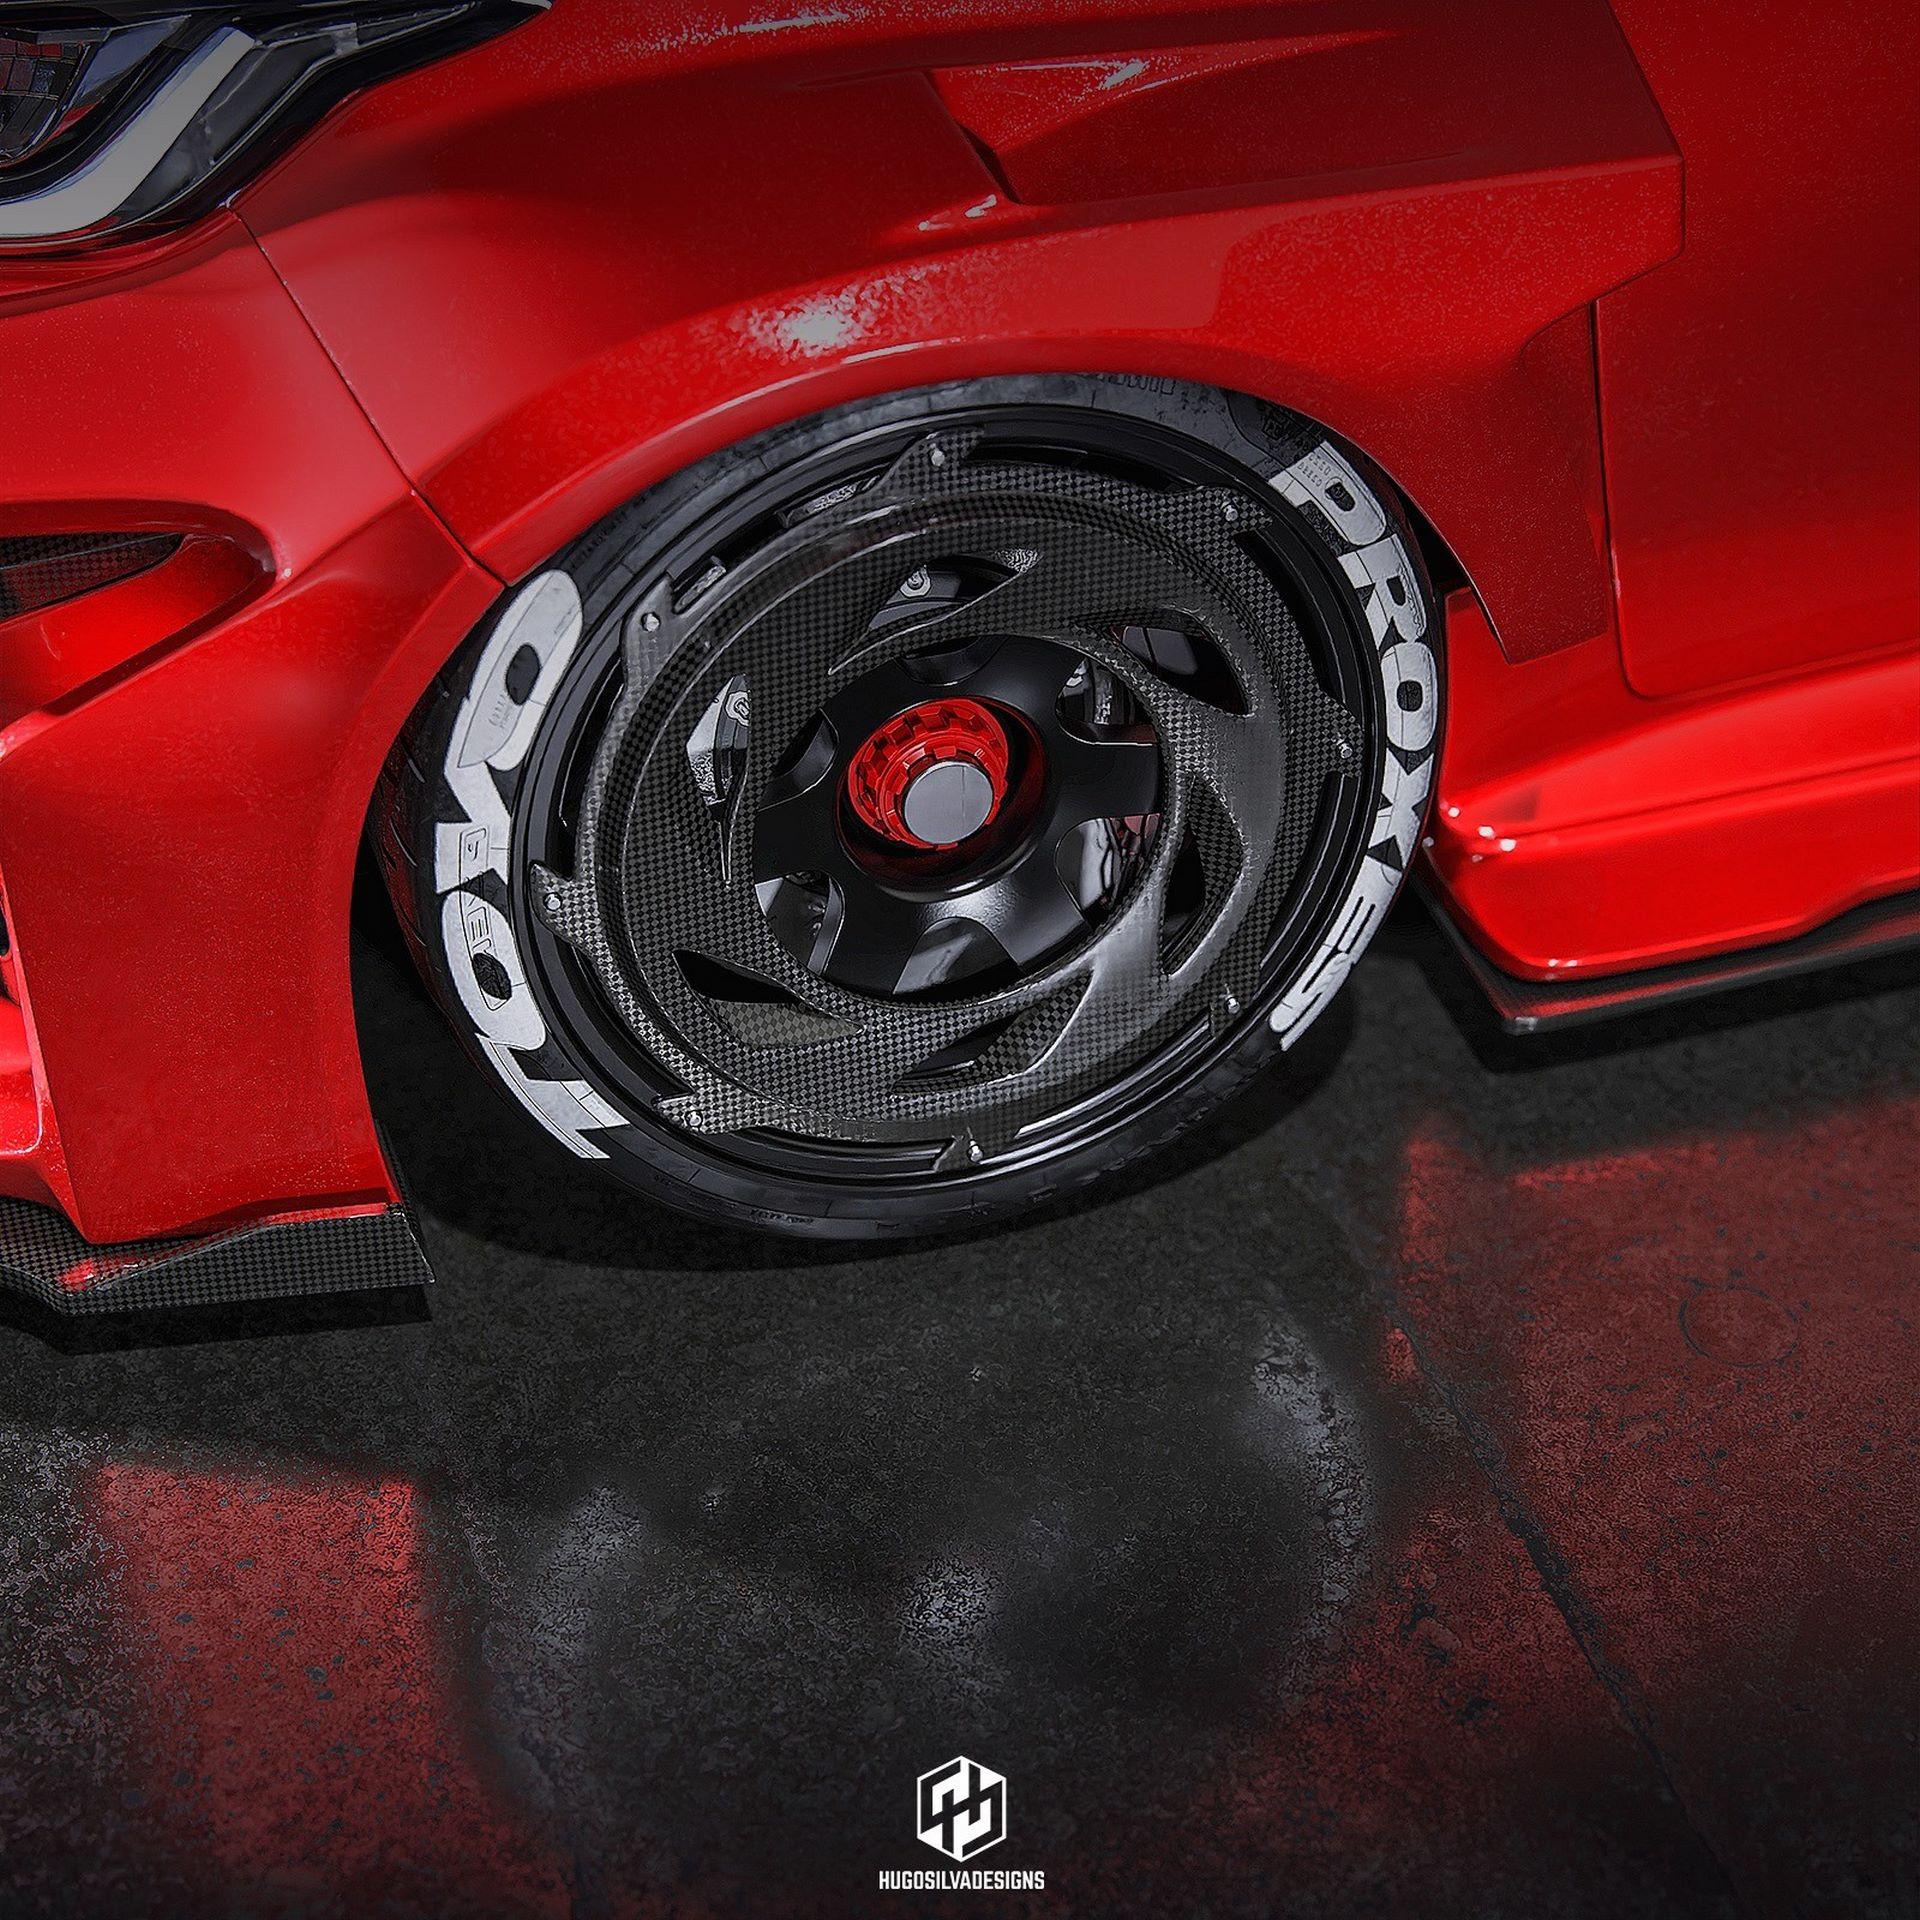 Toyota-GR-Yaris-widebodykit-by-hugosilvadesigns-5